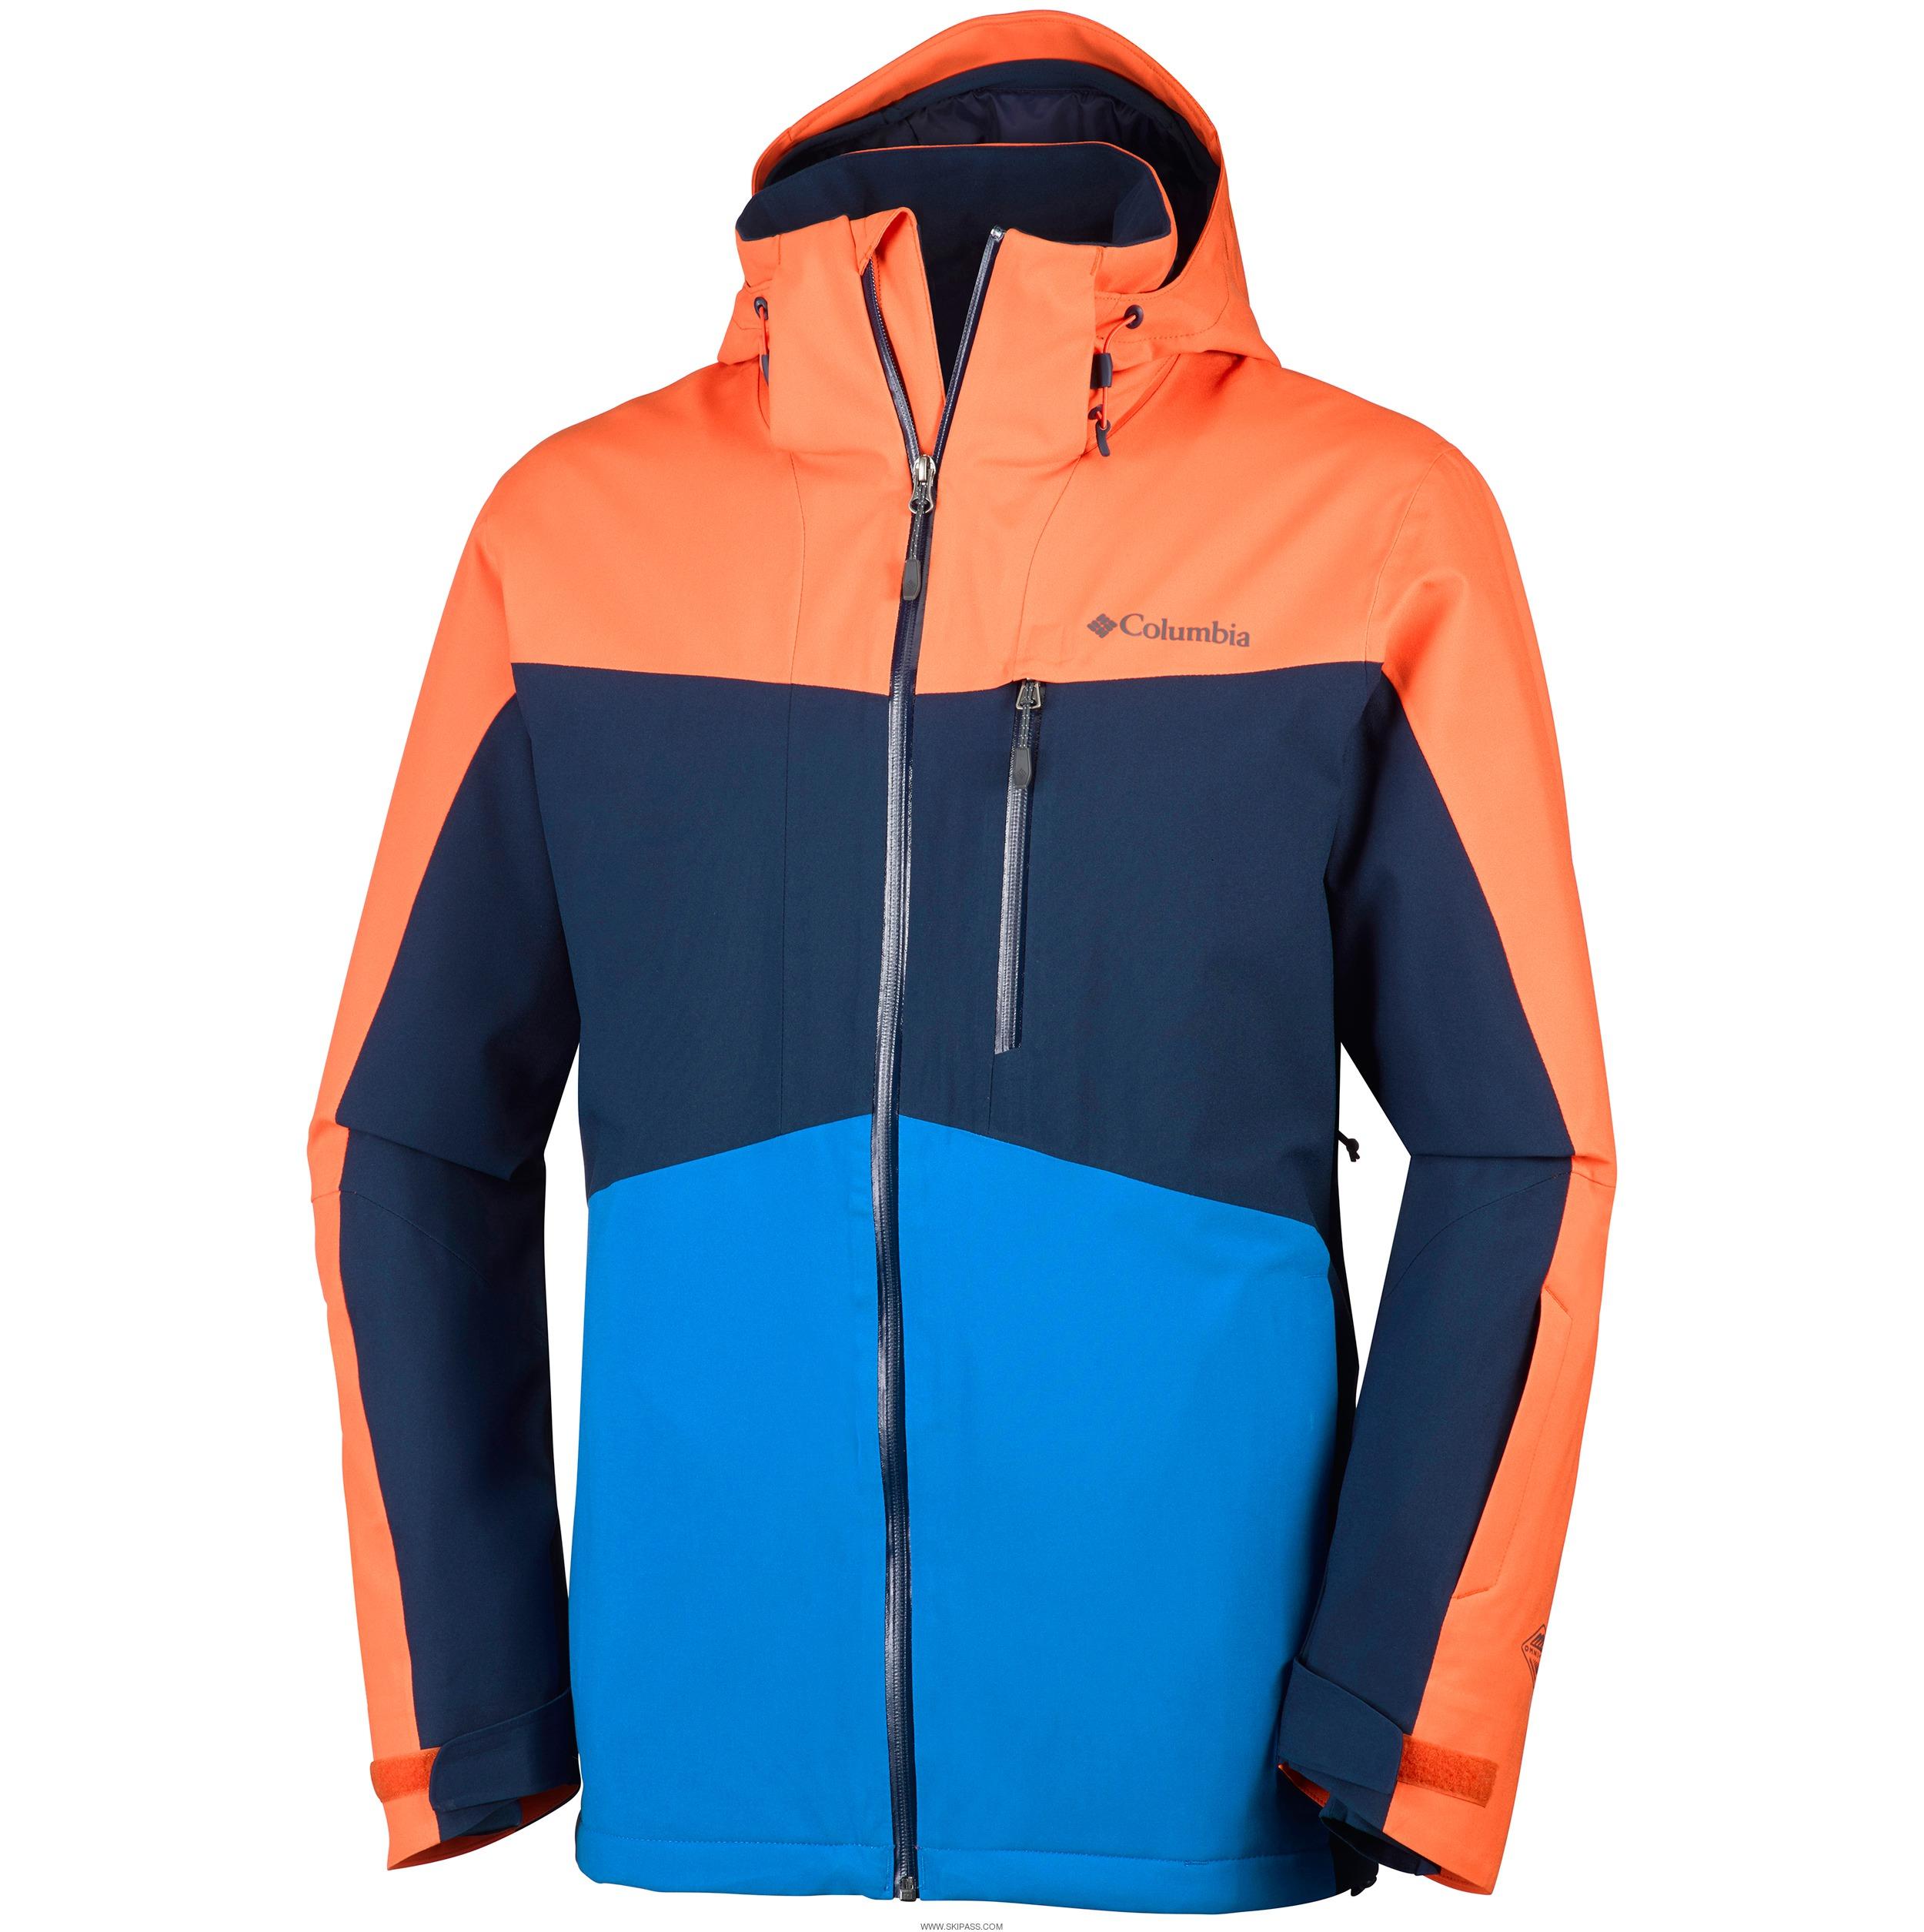 chaussures de séparation 73504 1721d Pour Toute Parka Columbia Occasion Parfaites Ski Femme wqPI0aS